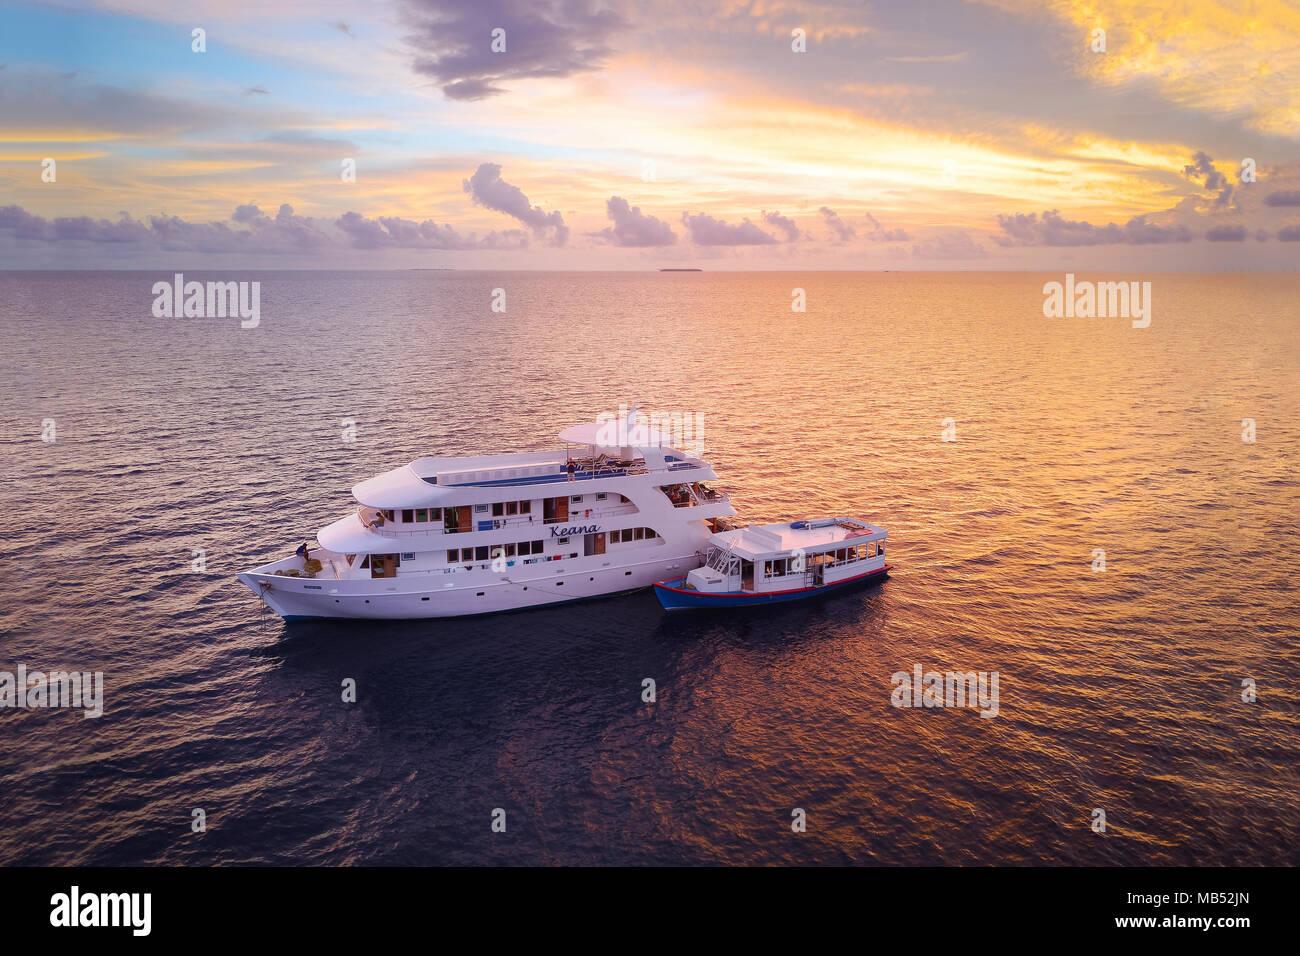 Diving safari ship MS Keana with diving dhoni anchored at sunset, Ari Atoll, Indian Ocean, Maldives - Stock Image